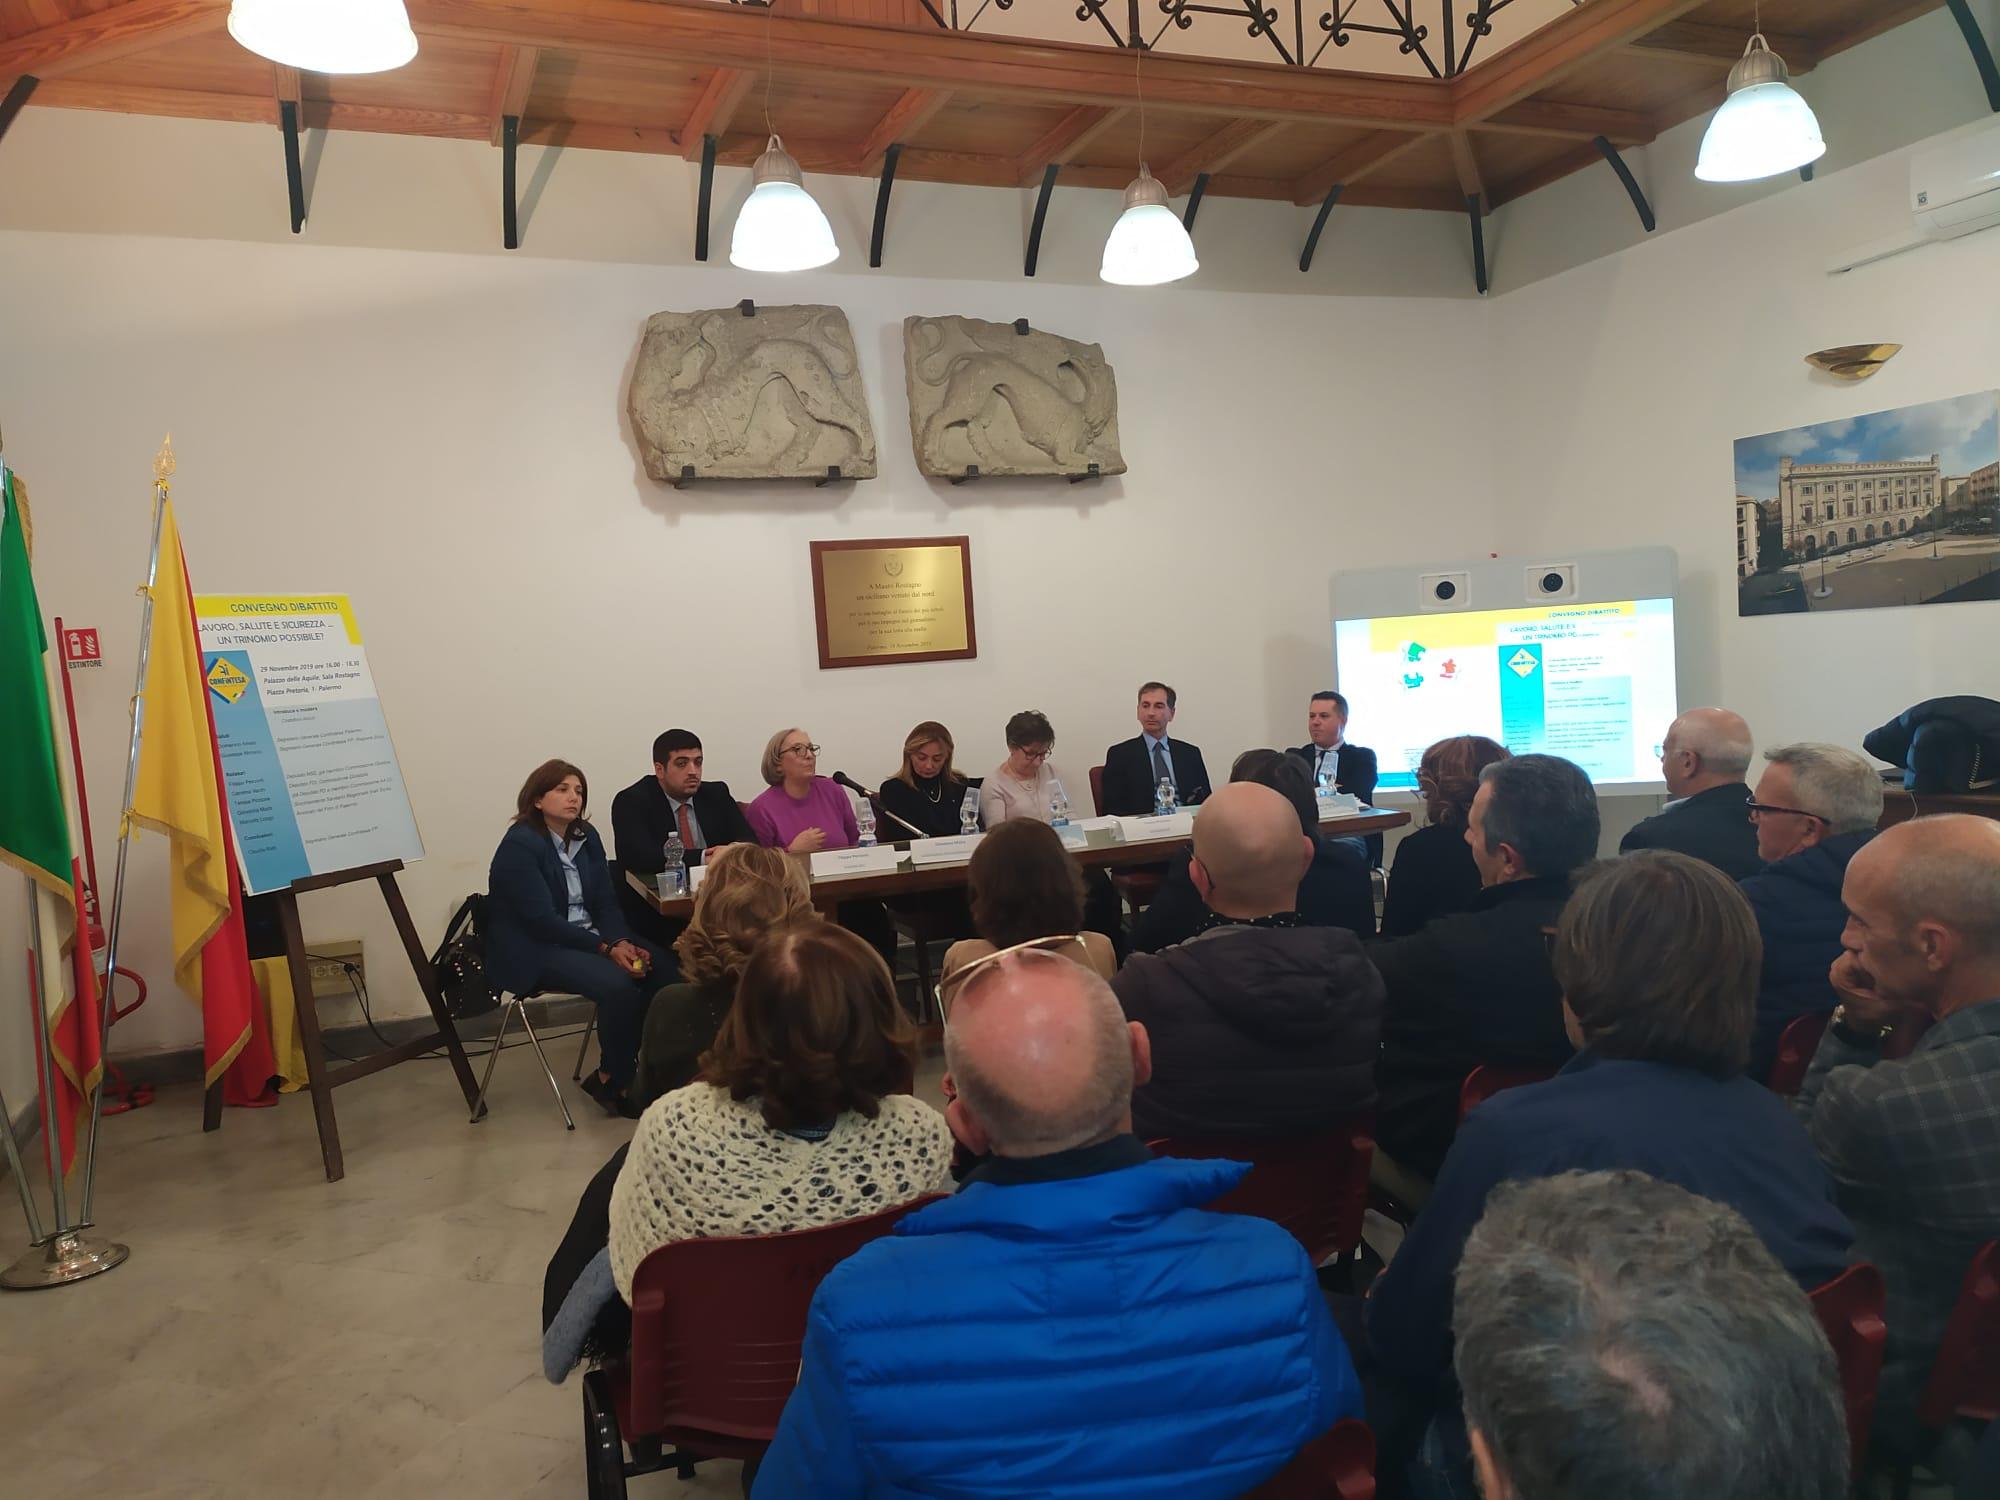 """Lavoro e sicurezza, convegno a Palermo. Confintesa: """"Vera emergenza, servono risposte"""""""